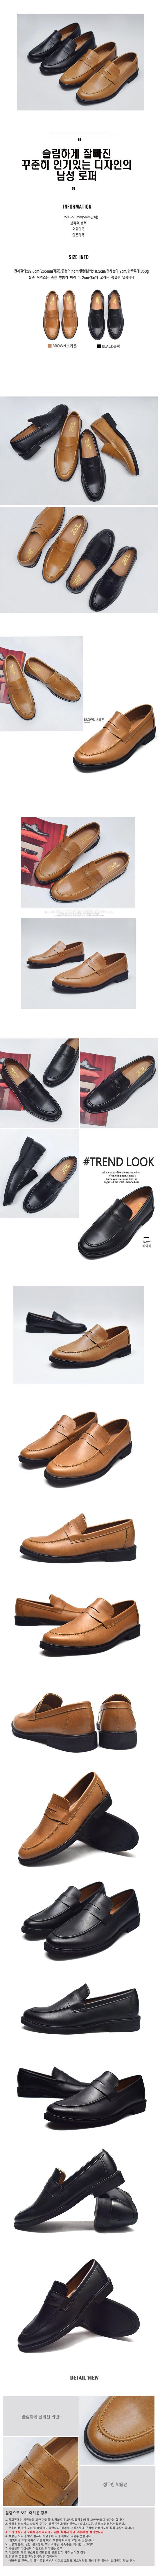 MAN 데일리 남성 패션 로퍼 CH1514731 - 익스트리모, 58,000원, 로퍼/옥스퍼드, 로퍼